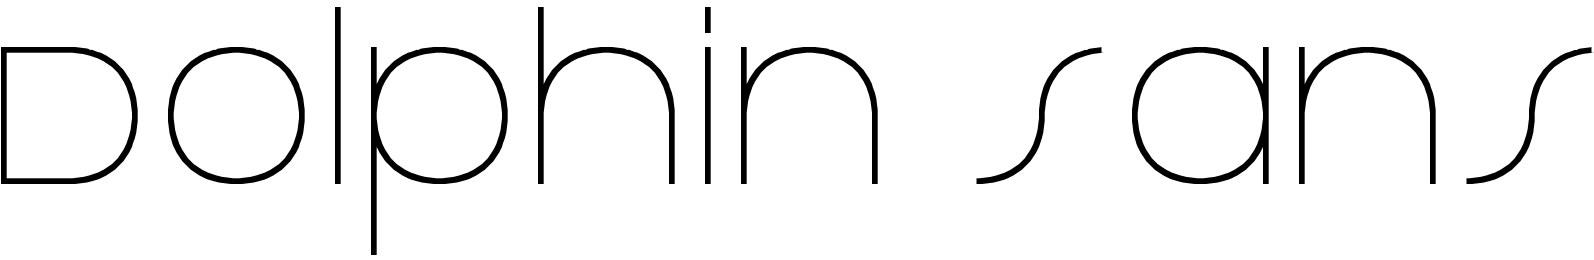 Dolphin Sans